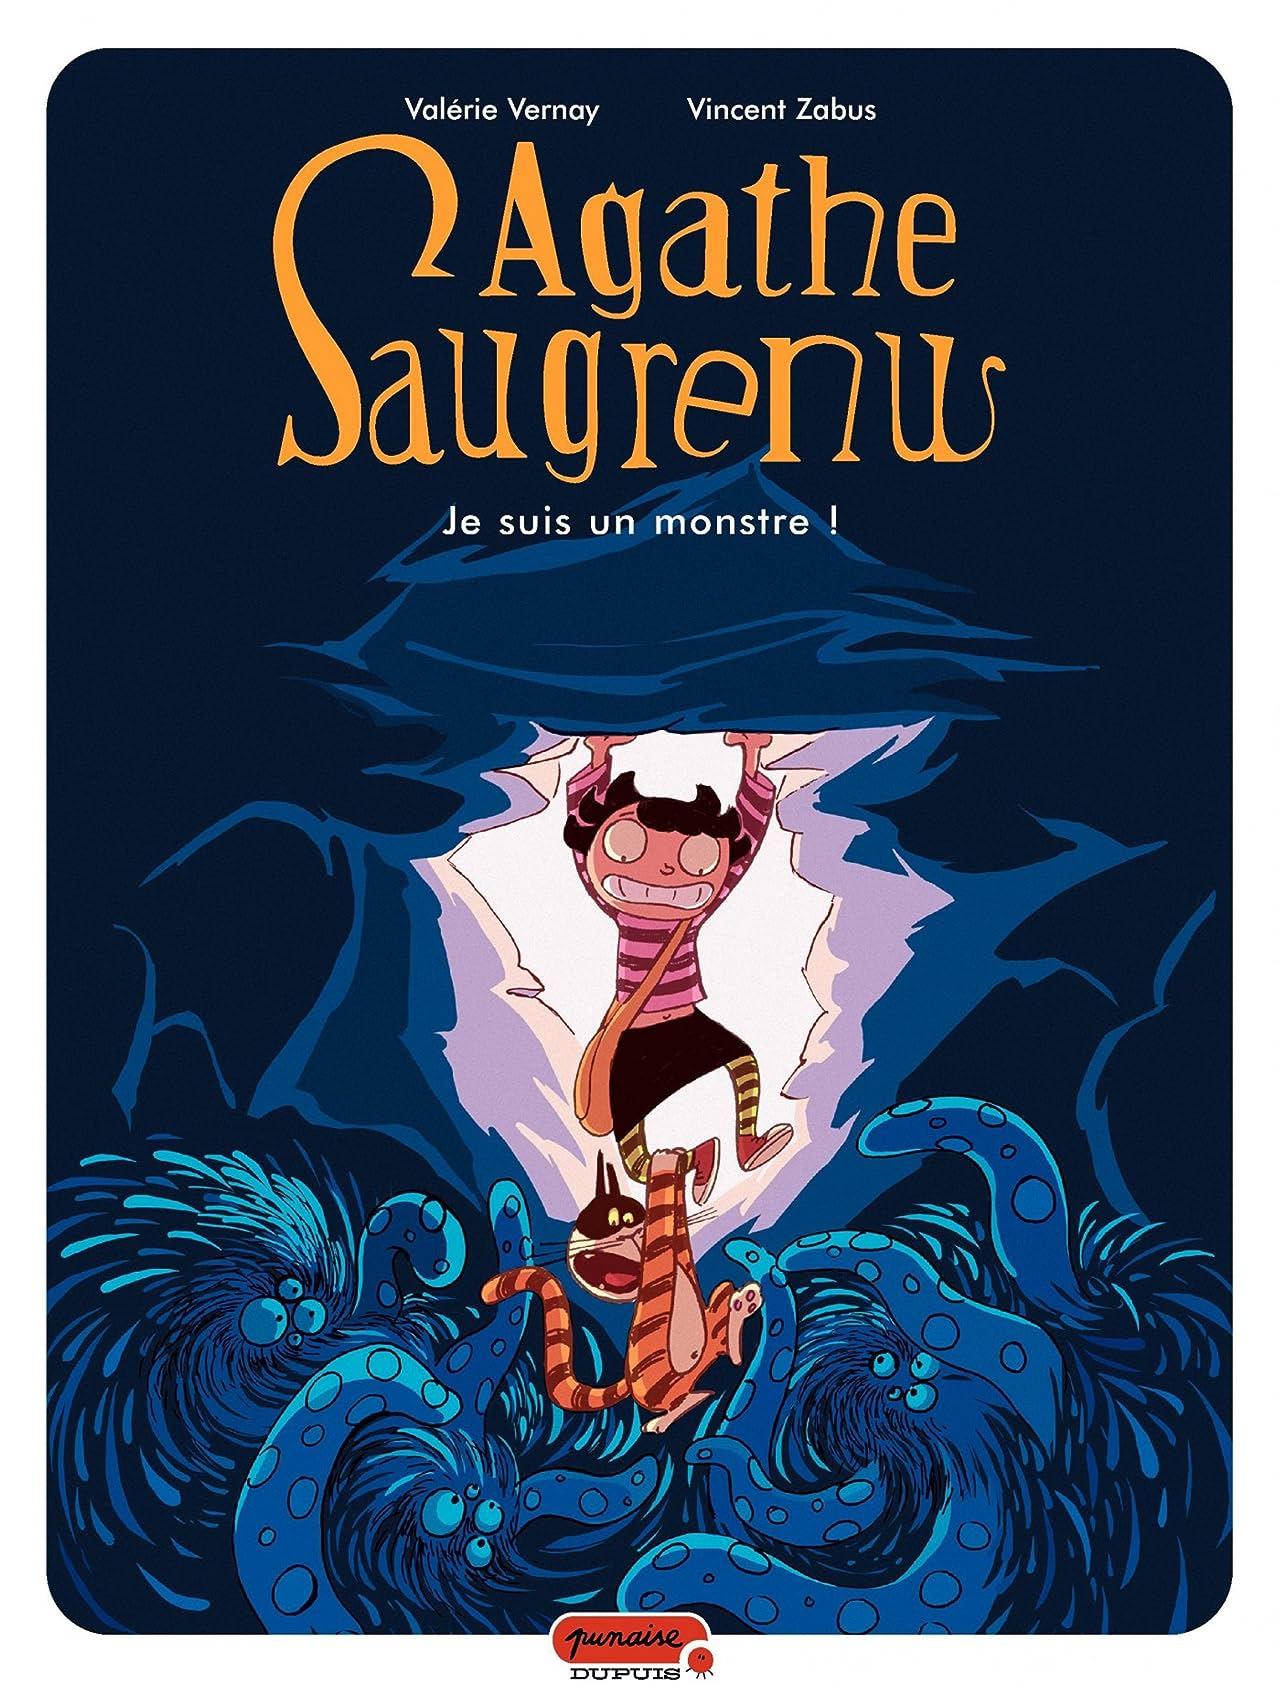 Agathe Saugrenu Vol. 1: Je suis un monstre